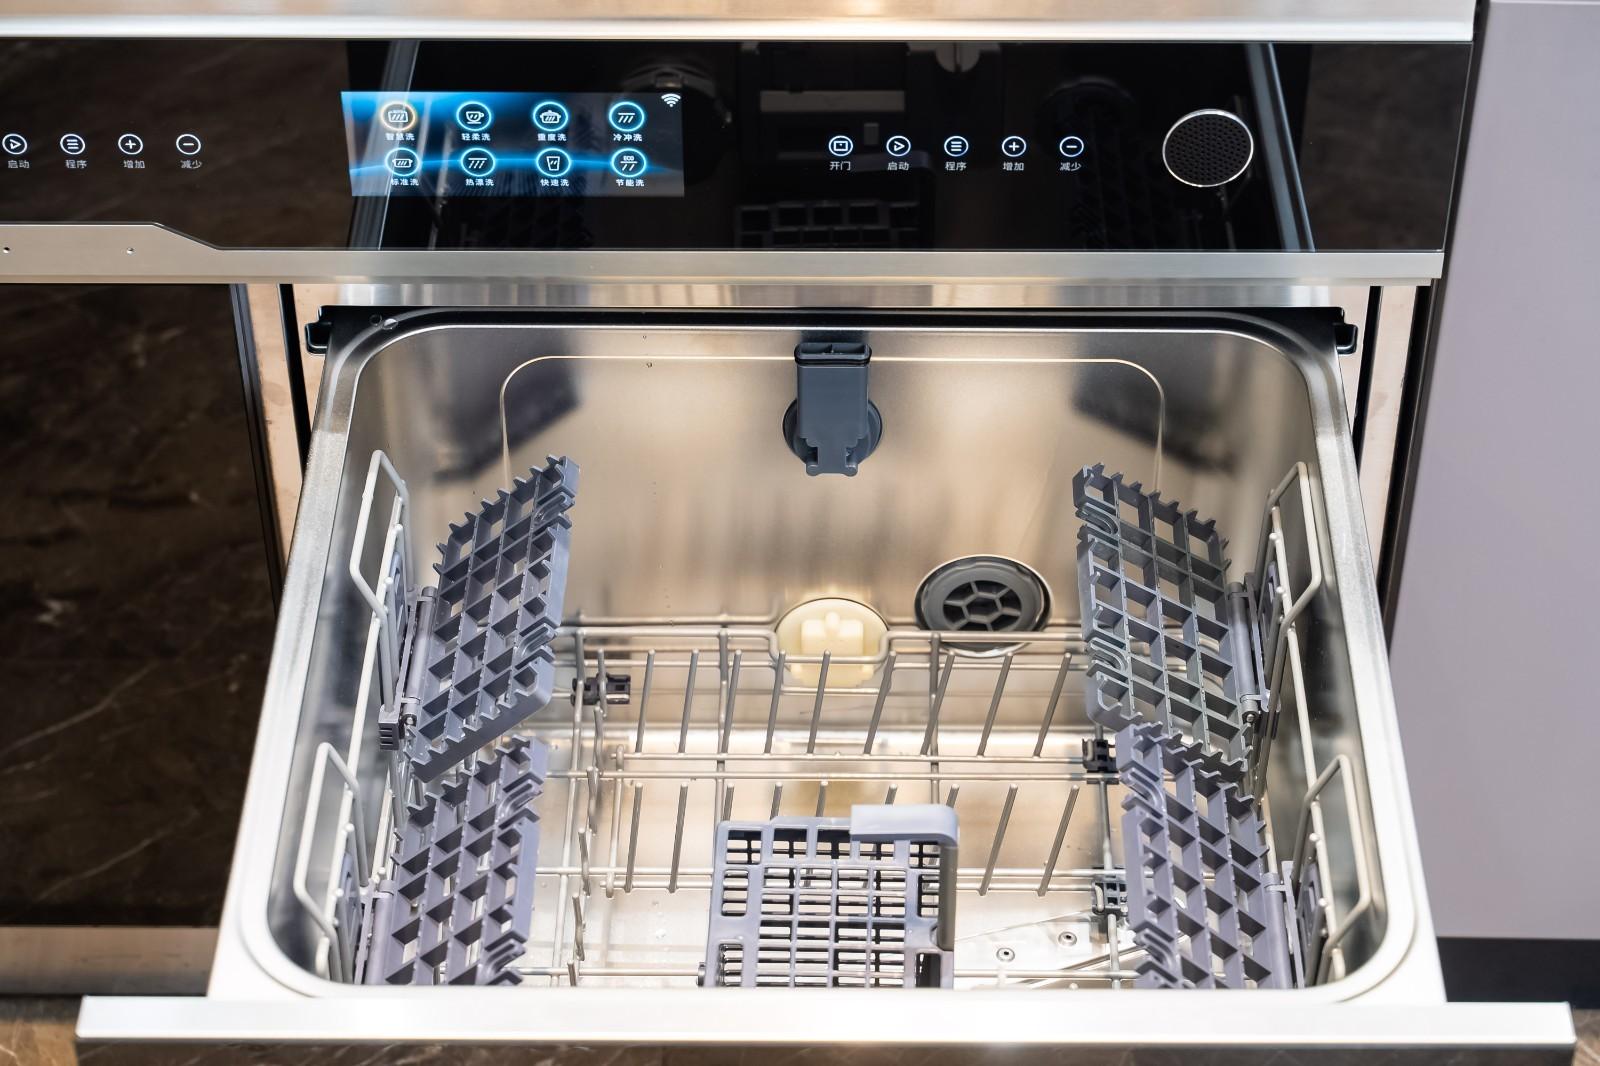 水槽式洗碗机好用吗?我家买过一台,花了7000元,决定再也不买了